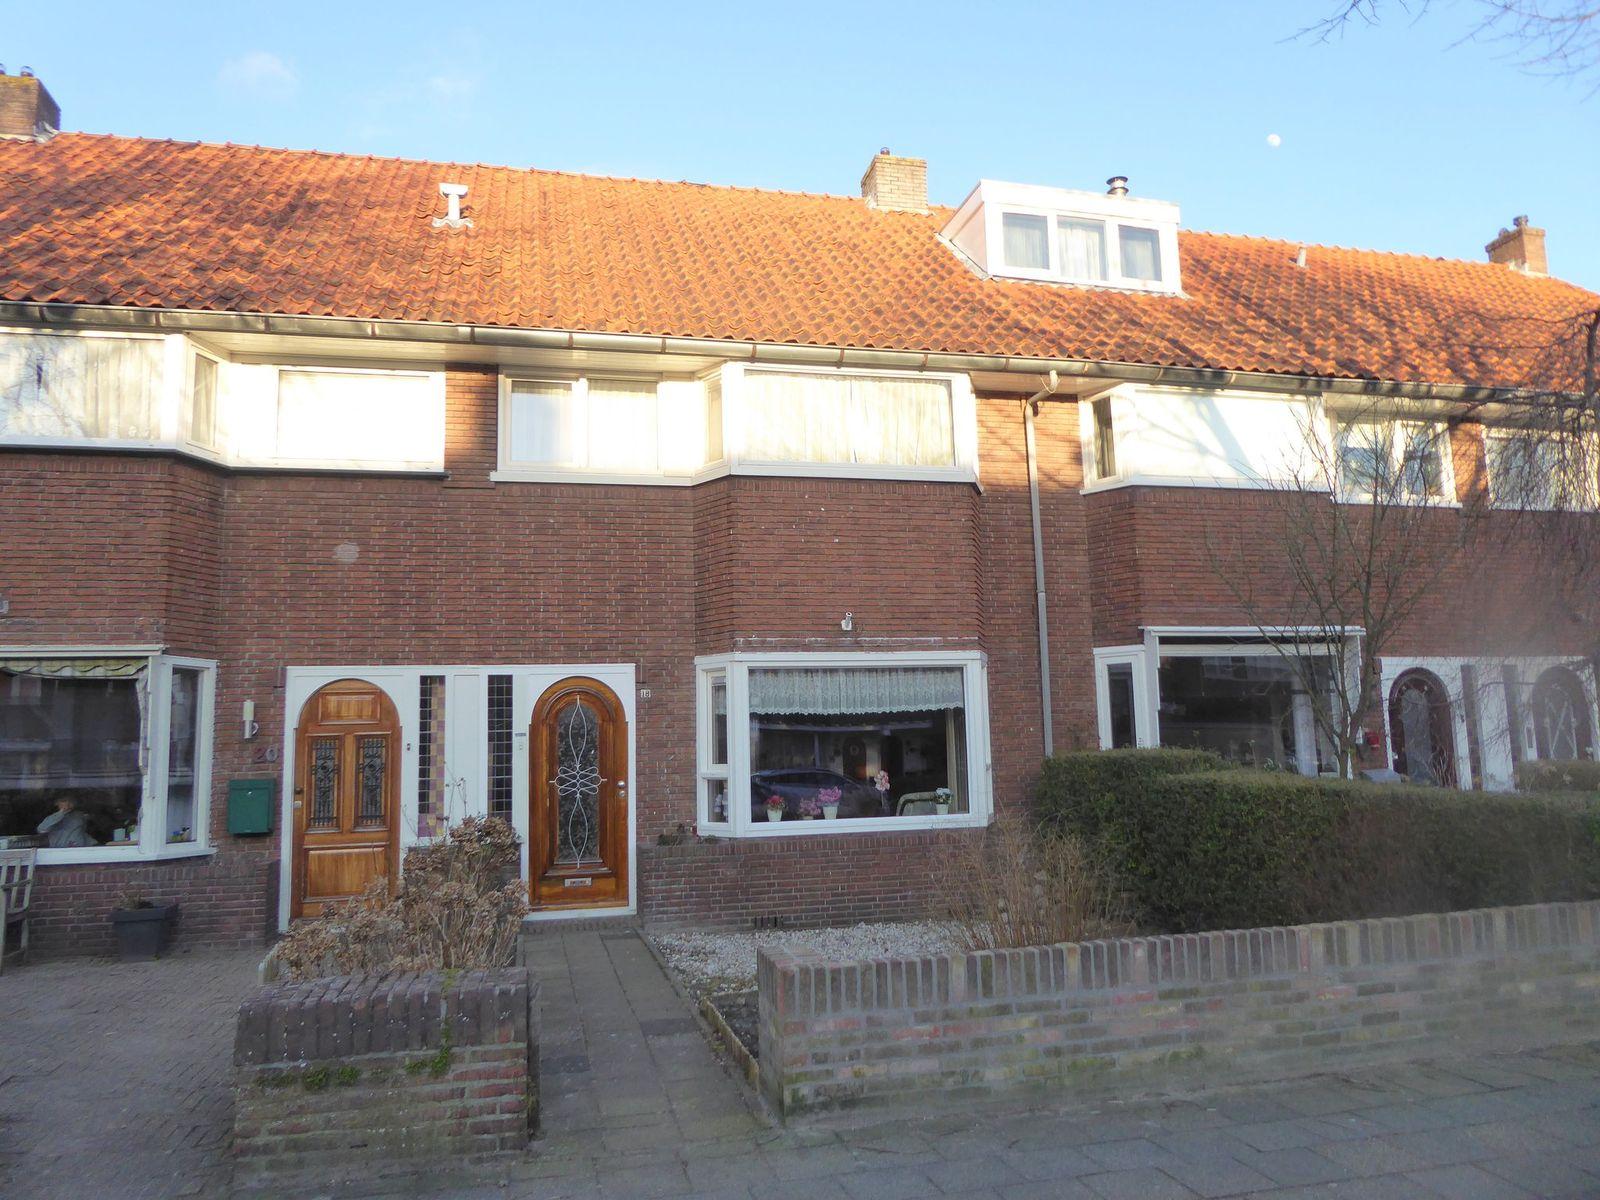 Goudenregenstraat 18, Leeuwarden